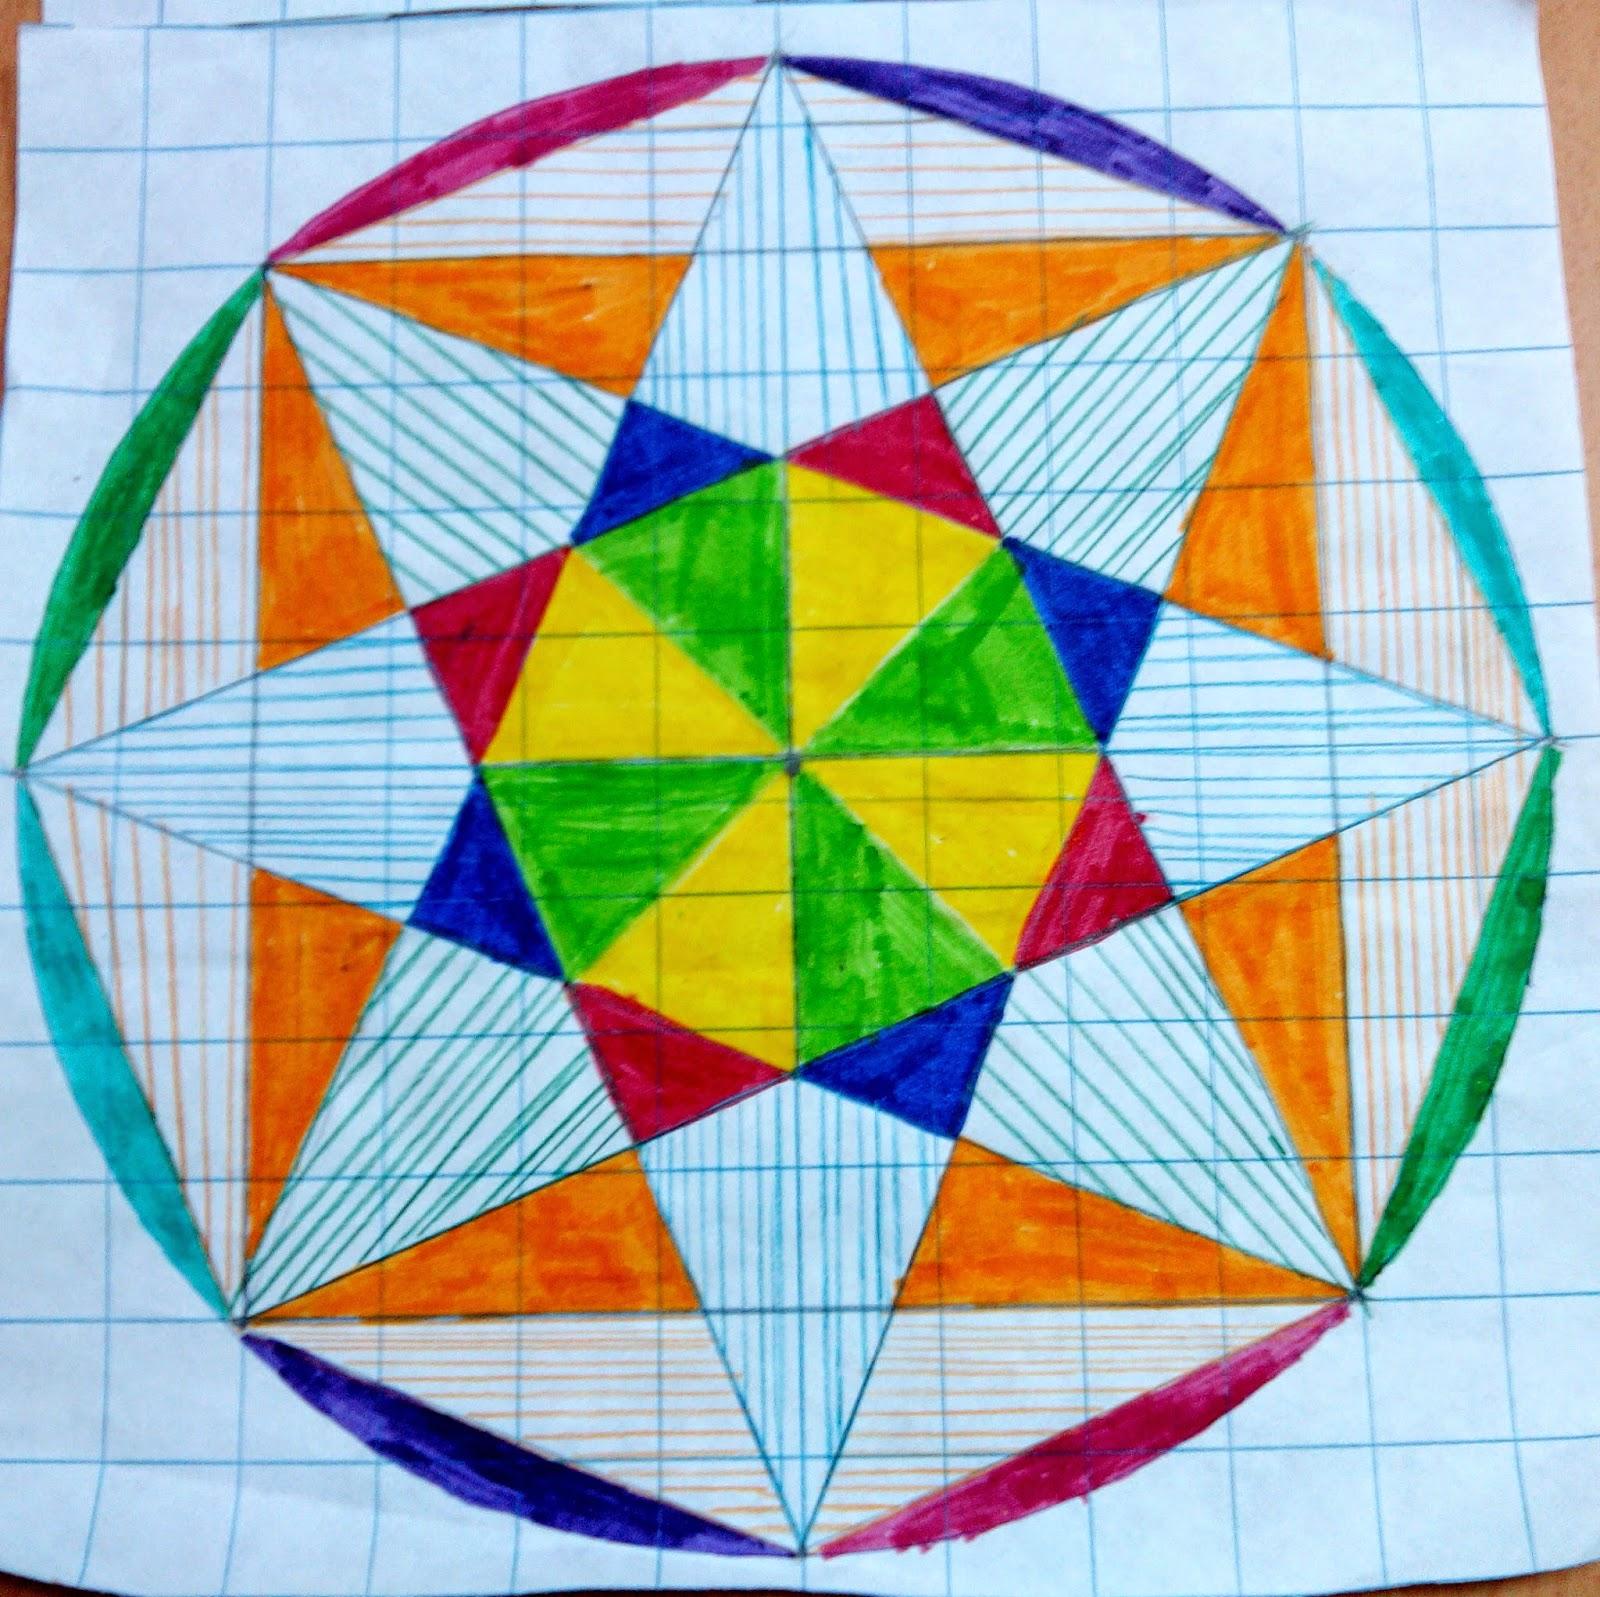 Aula rural de primaria estrellas de ocho puntas dibujo - Como decorar un dibujo de una castana ...